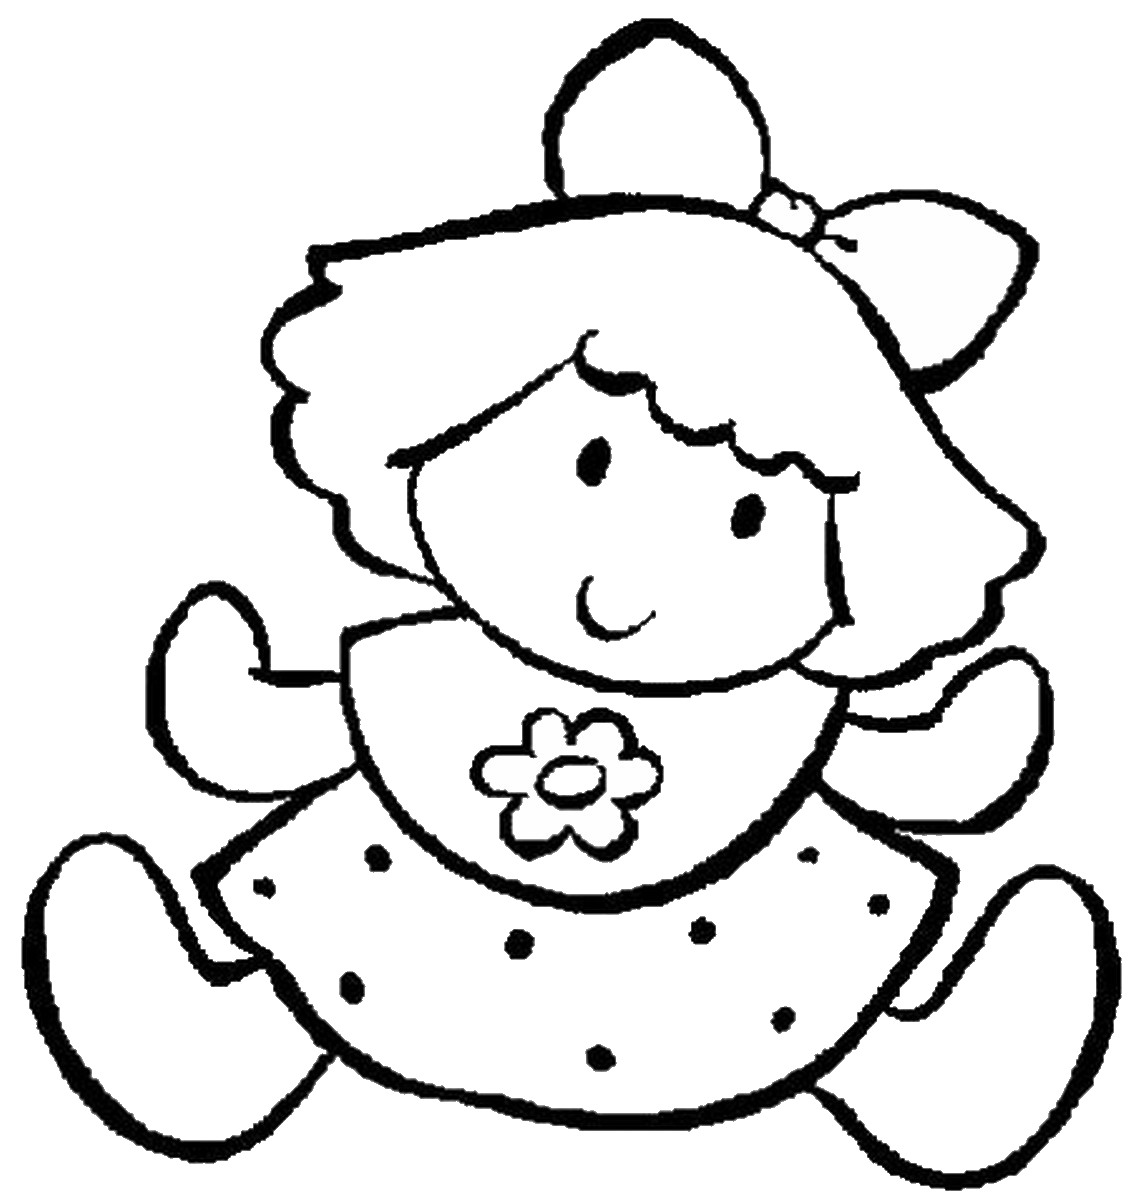 Раскраска для девочек 4 лет - 9